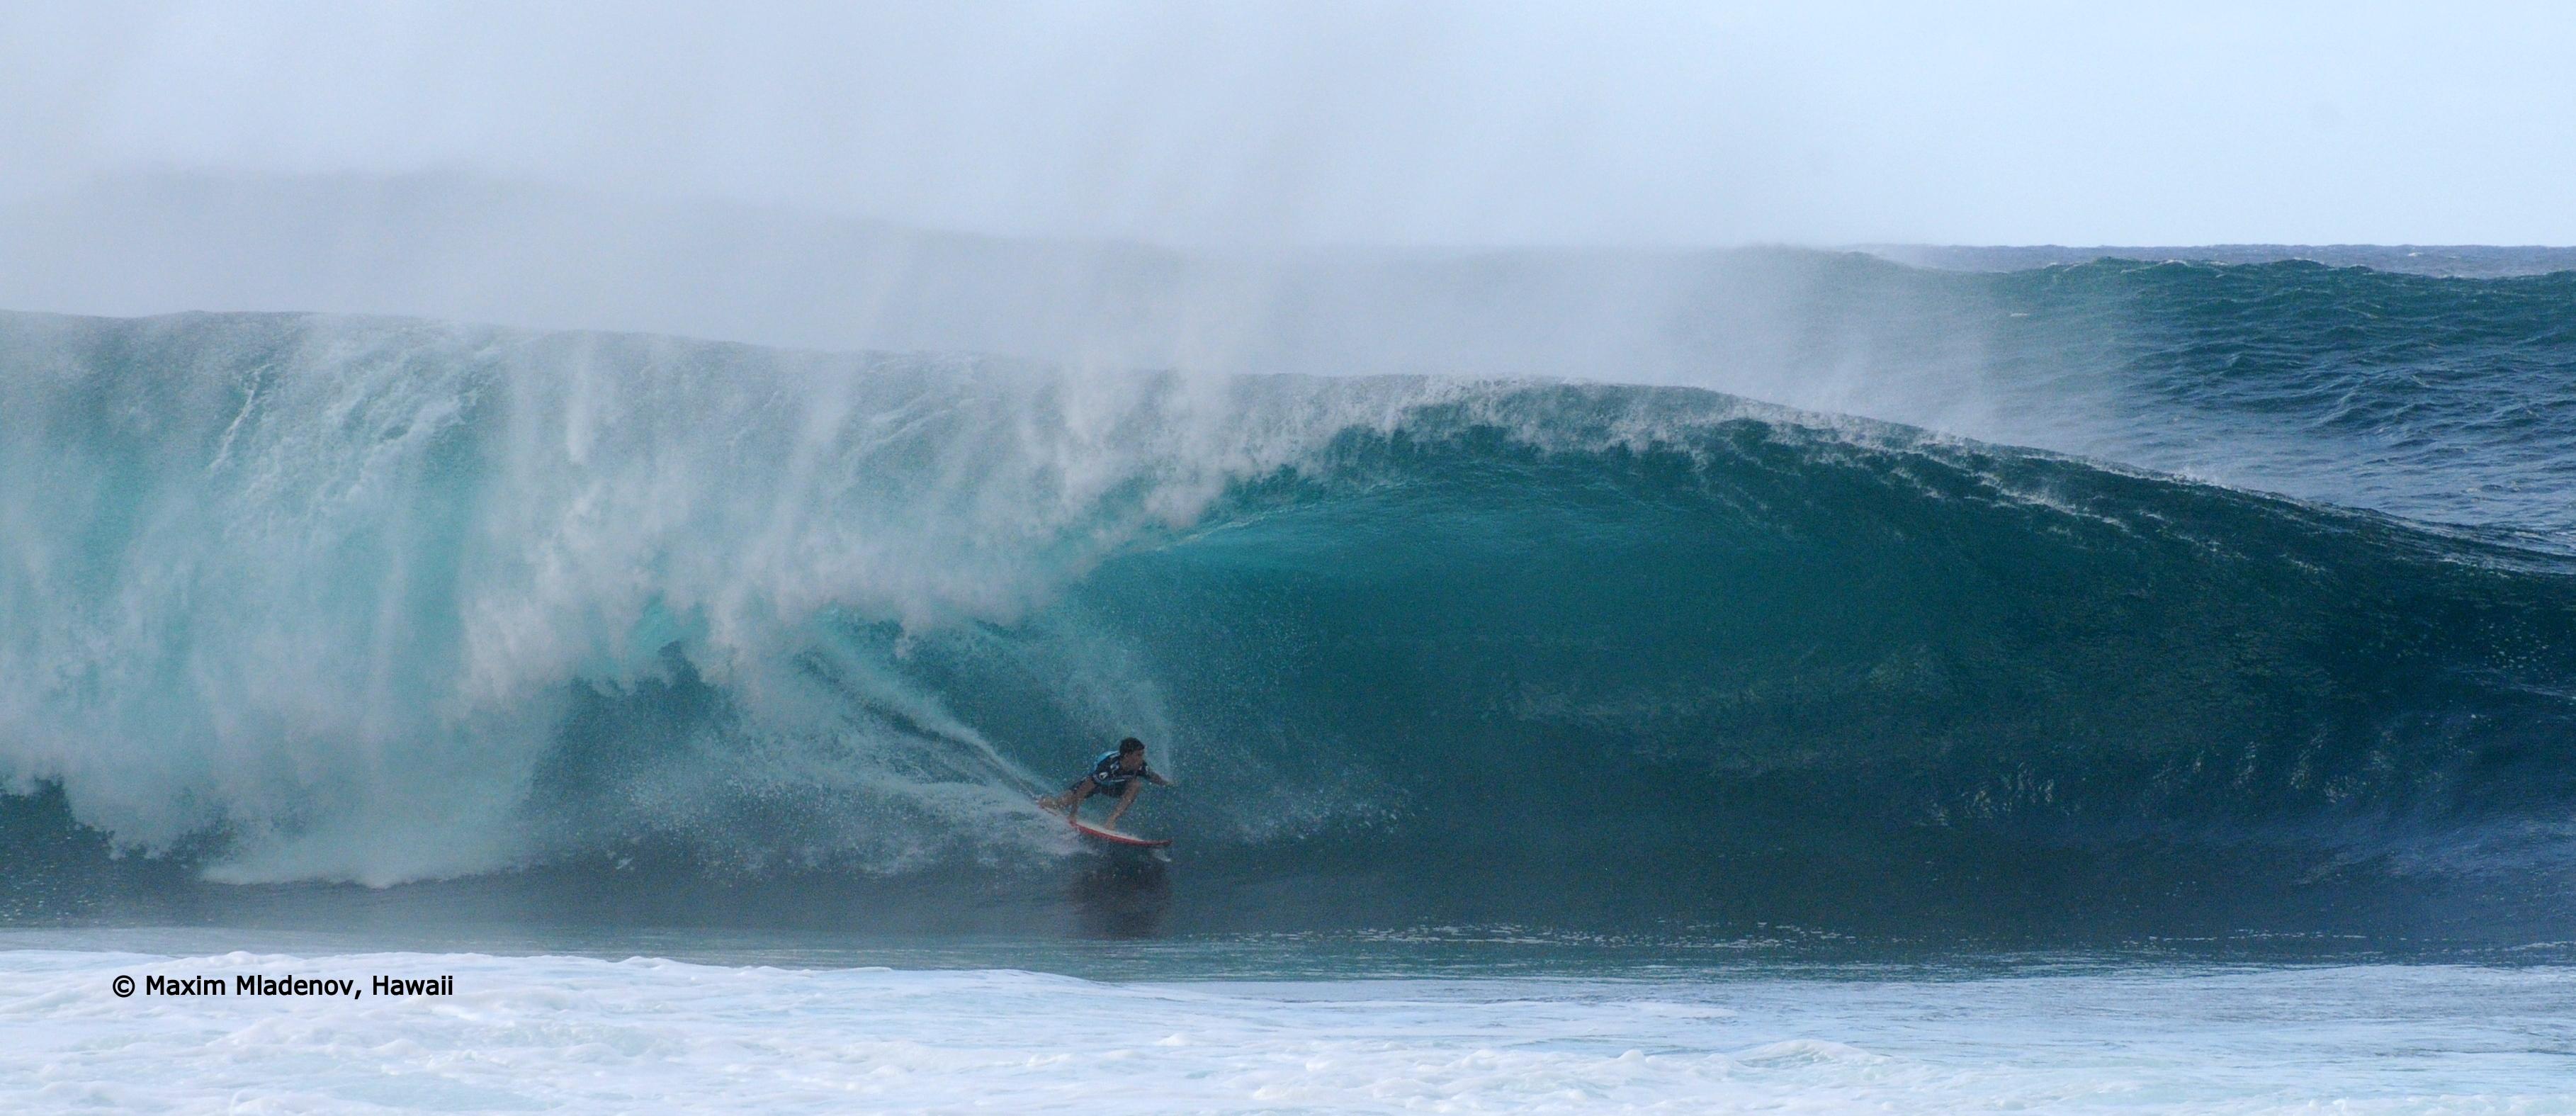 Le tout pour le tout -sequ03 - 1er Tour 08-12-2011 Billabong PIPE Masters © Maxim Mladenov, Hawaii